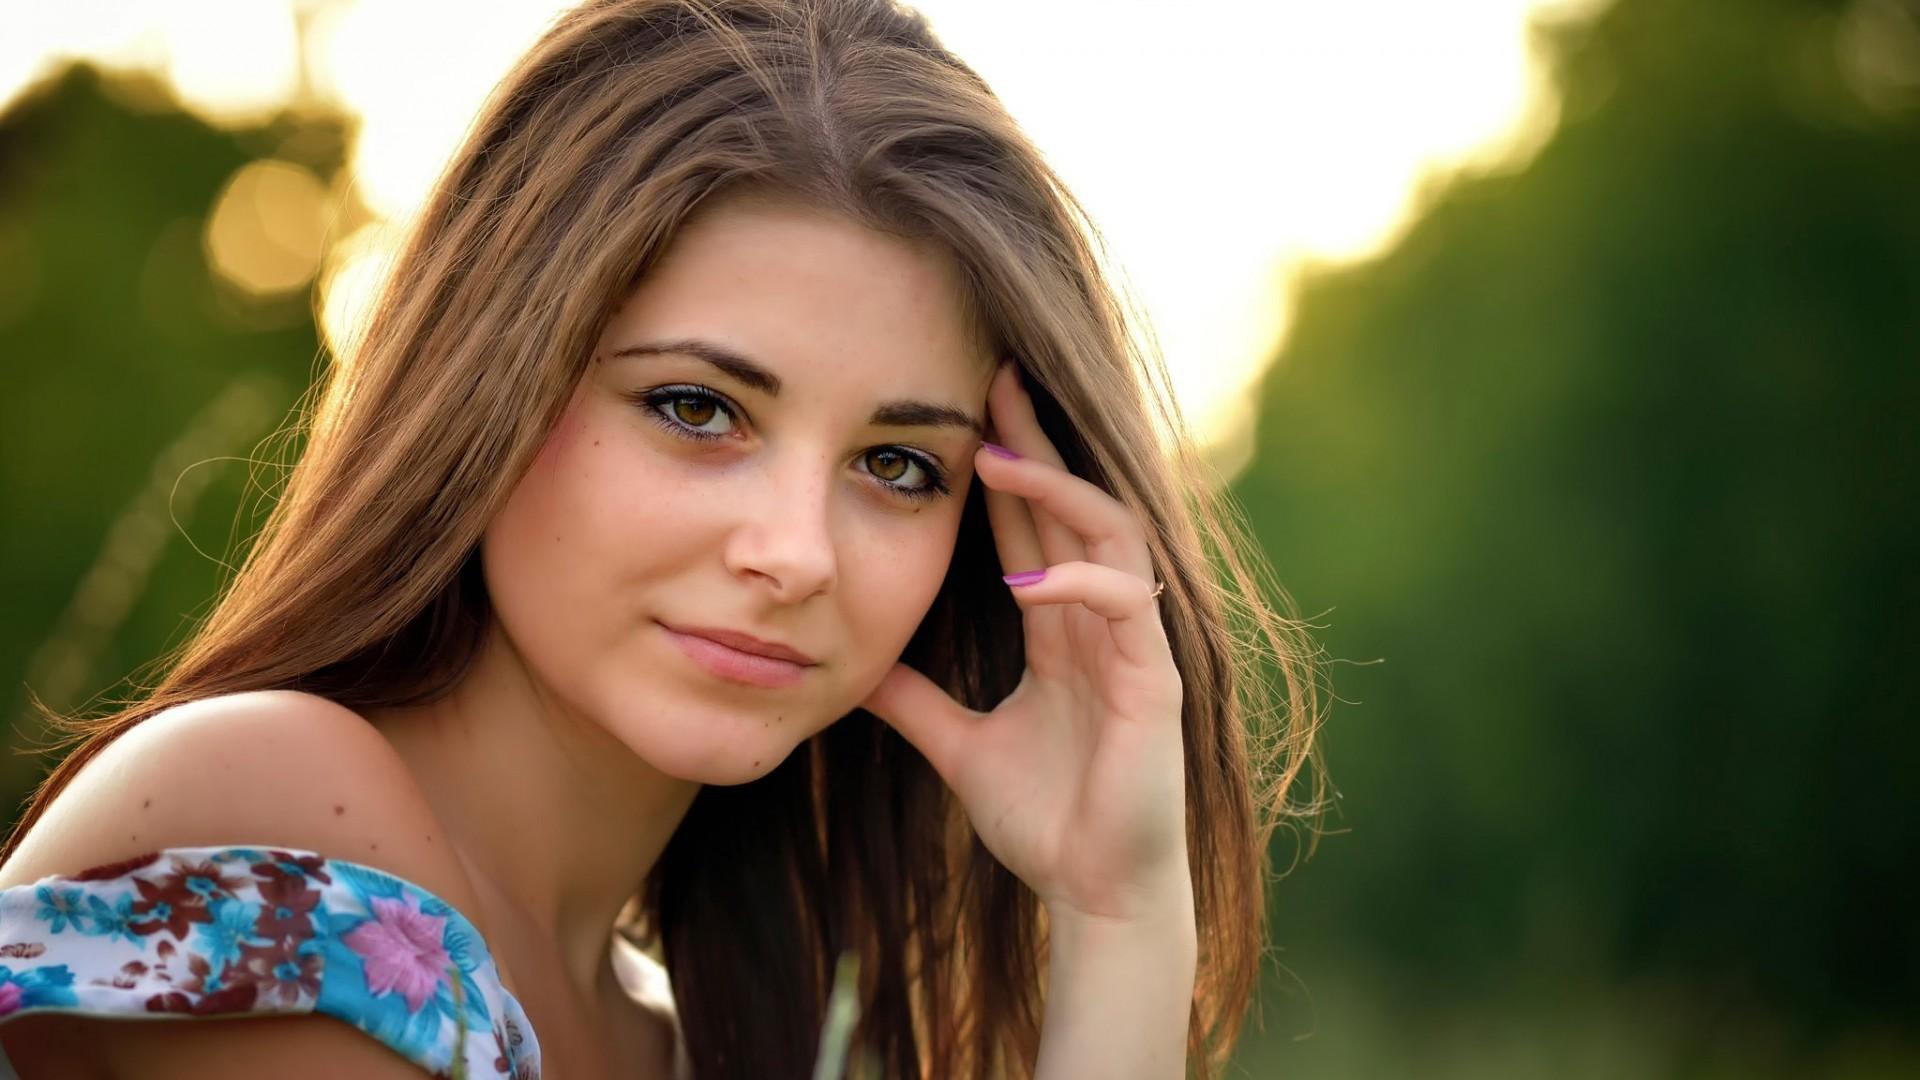 Очень качественное фото девушки